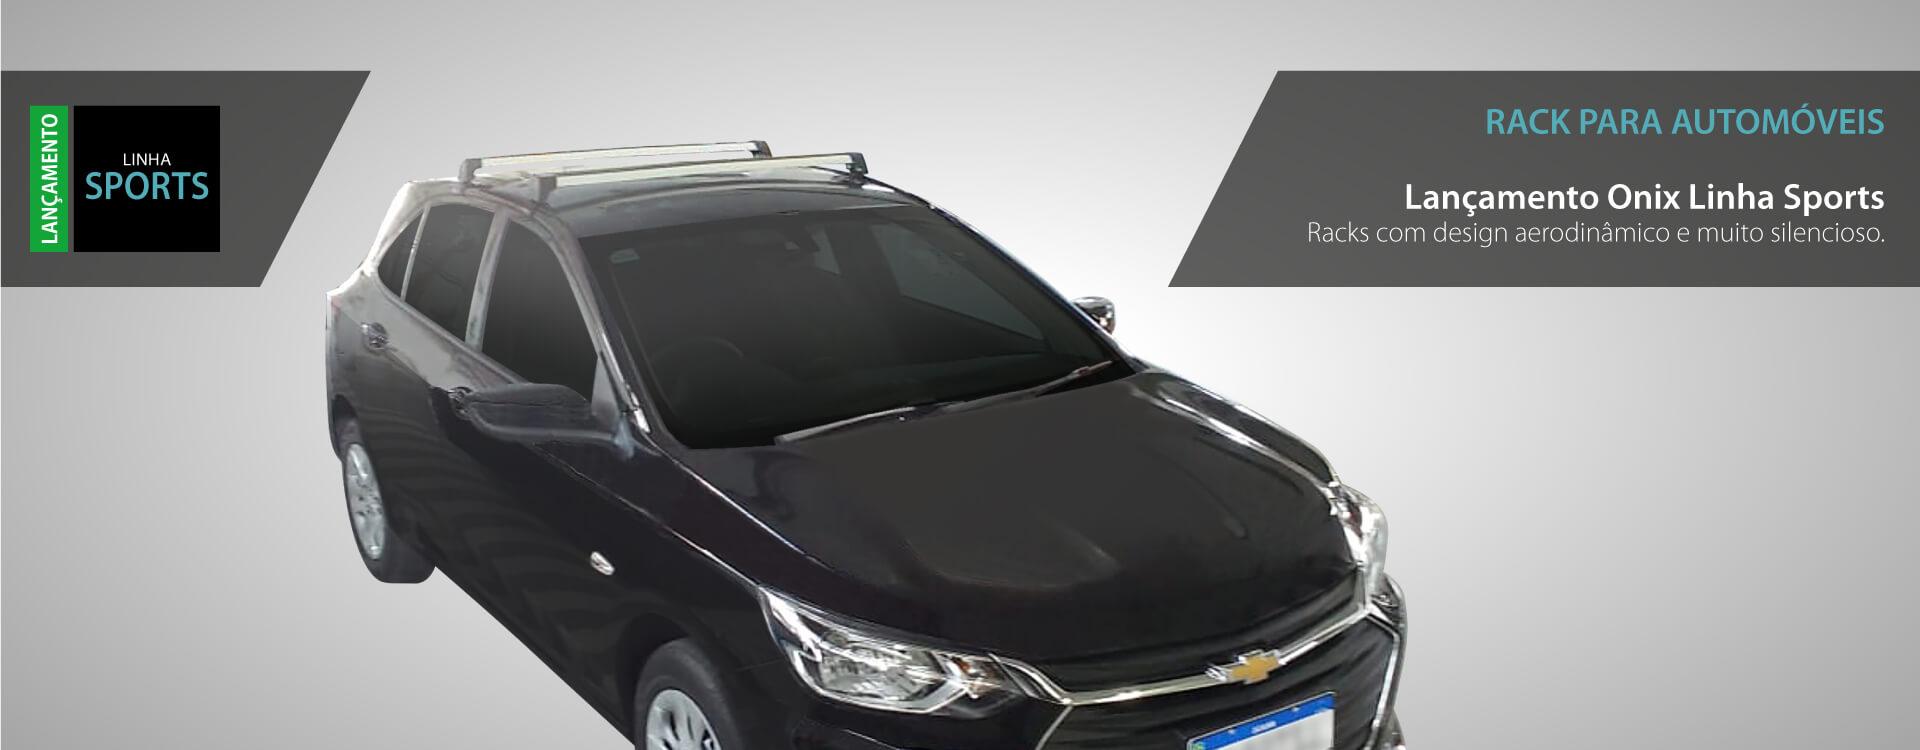 Novo rack para automóveis. Lançamento onix linha sports. Rack com design aerodinâmico e muito silencioso.